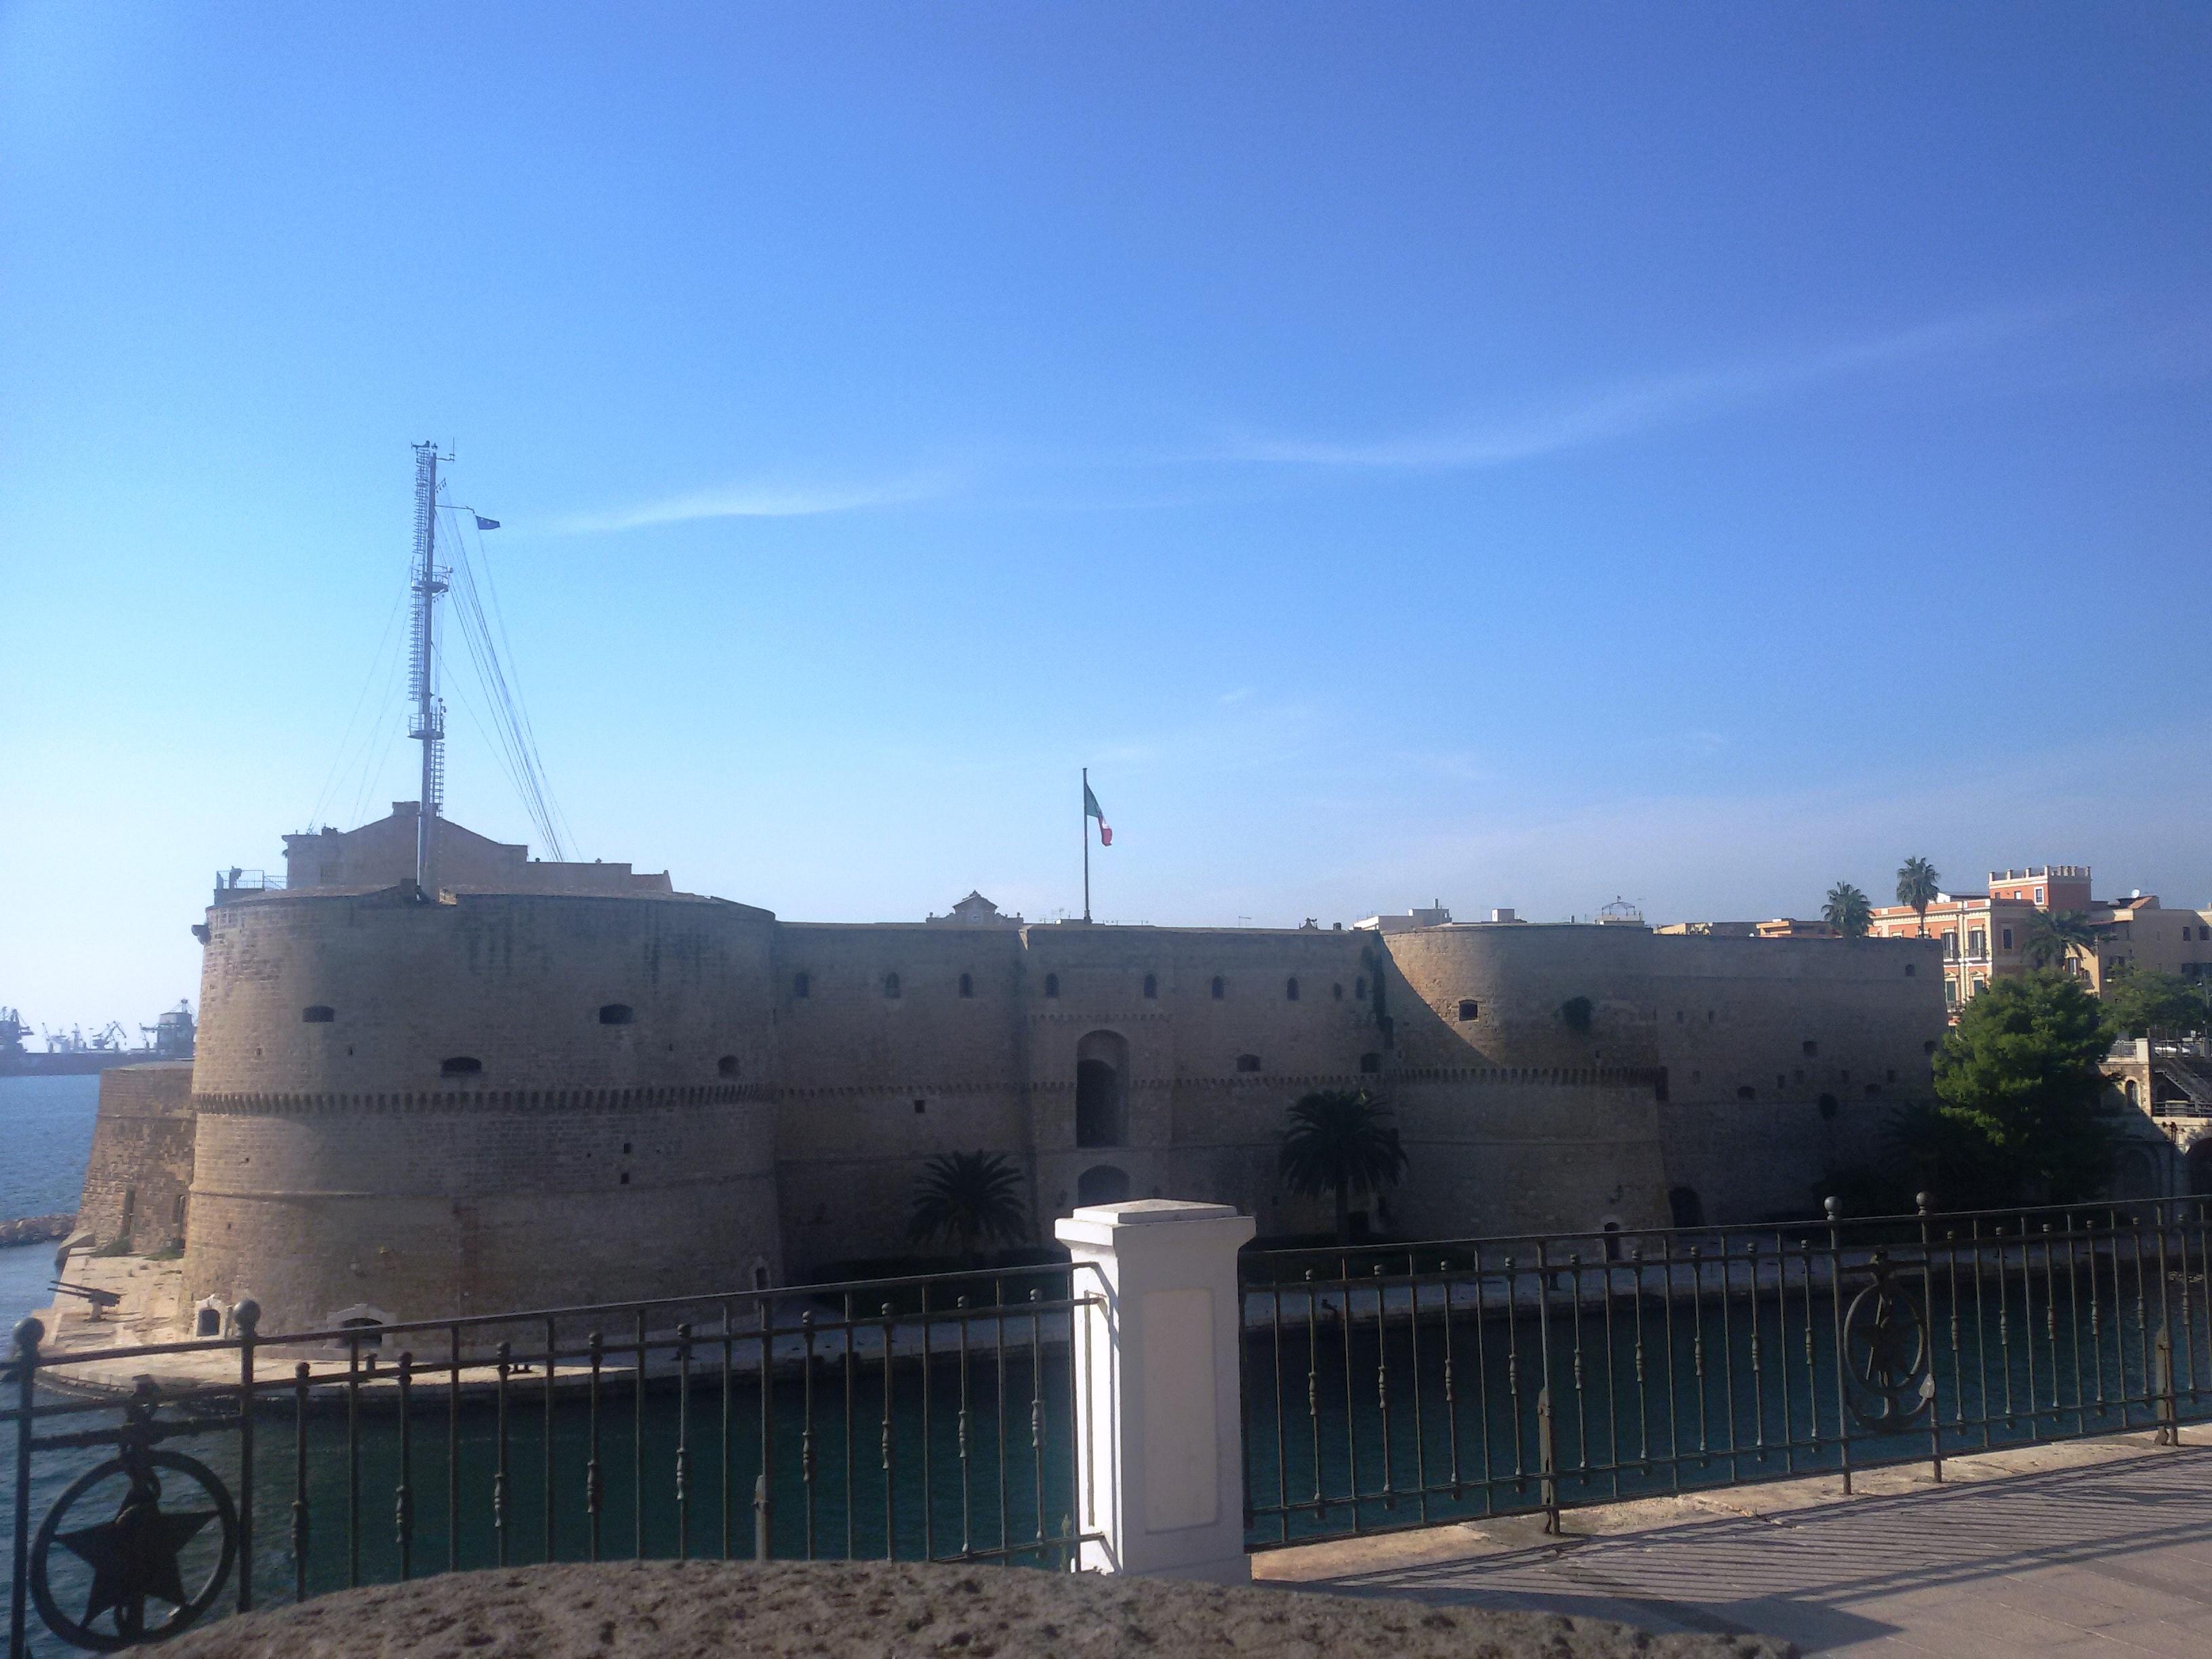 Taranto bella e amara. Diario di un viaggio. Giorno 3